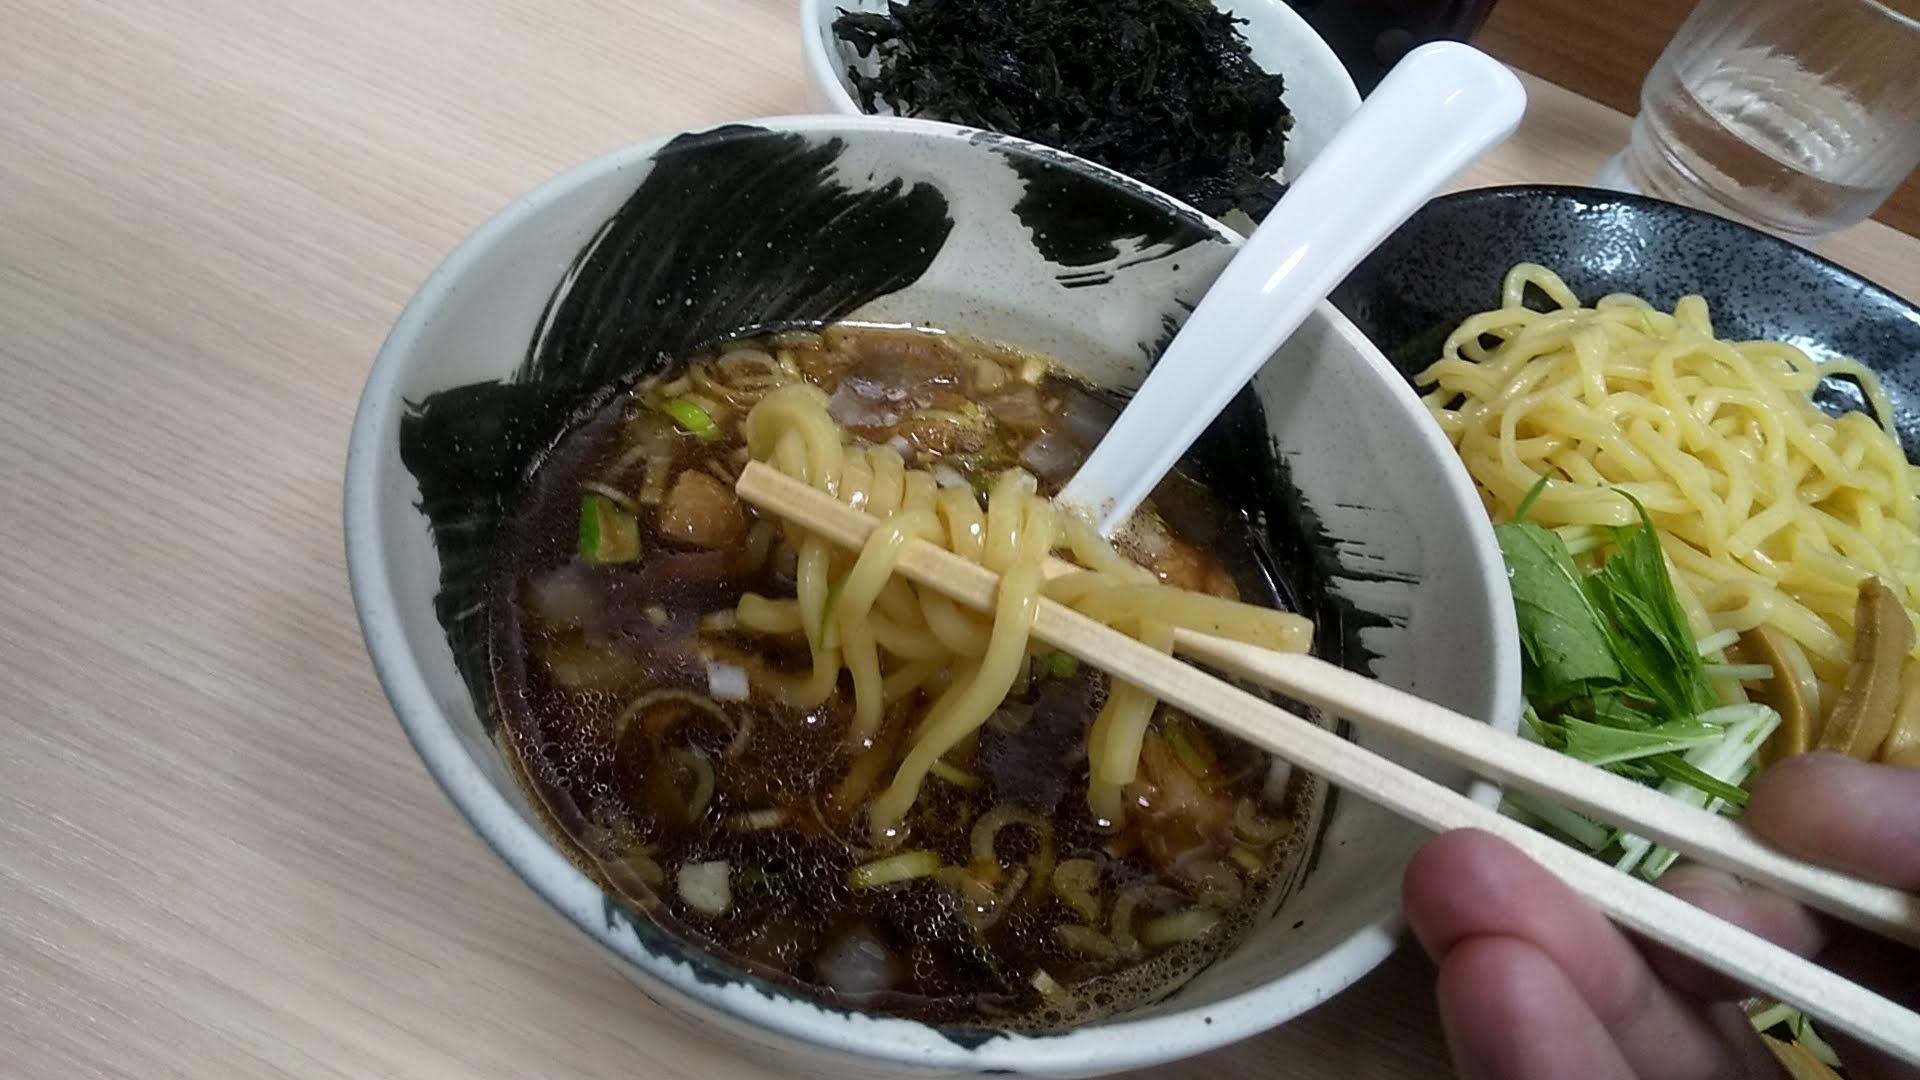 めん屋そら新小岩店のつけ麺の麺リフト